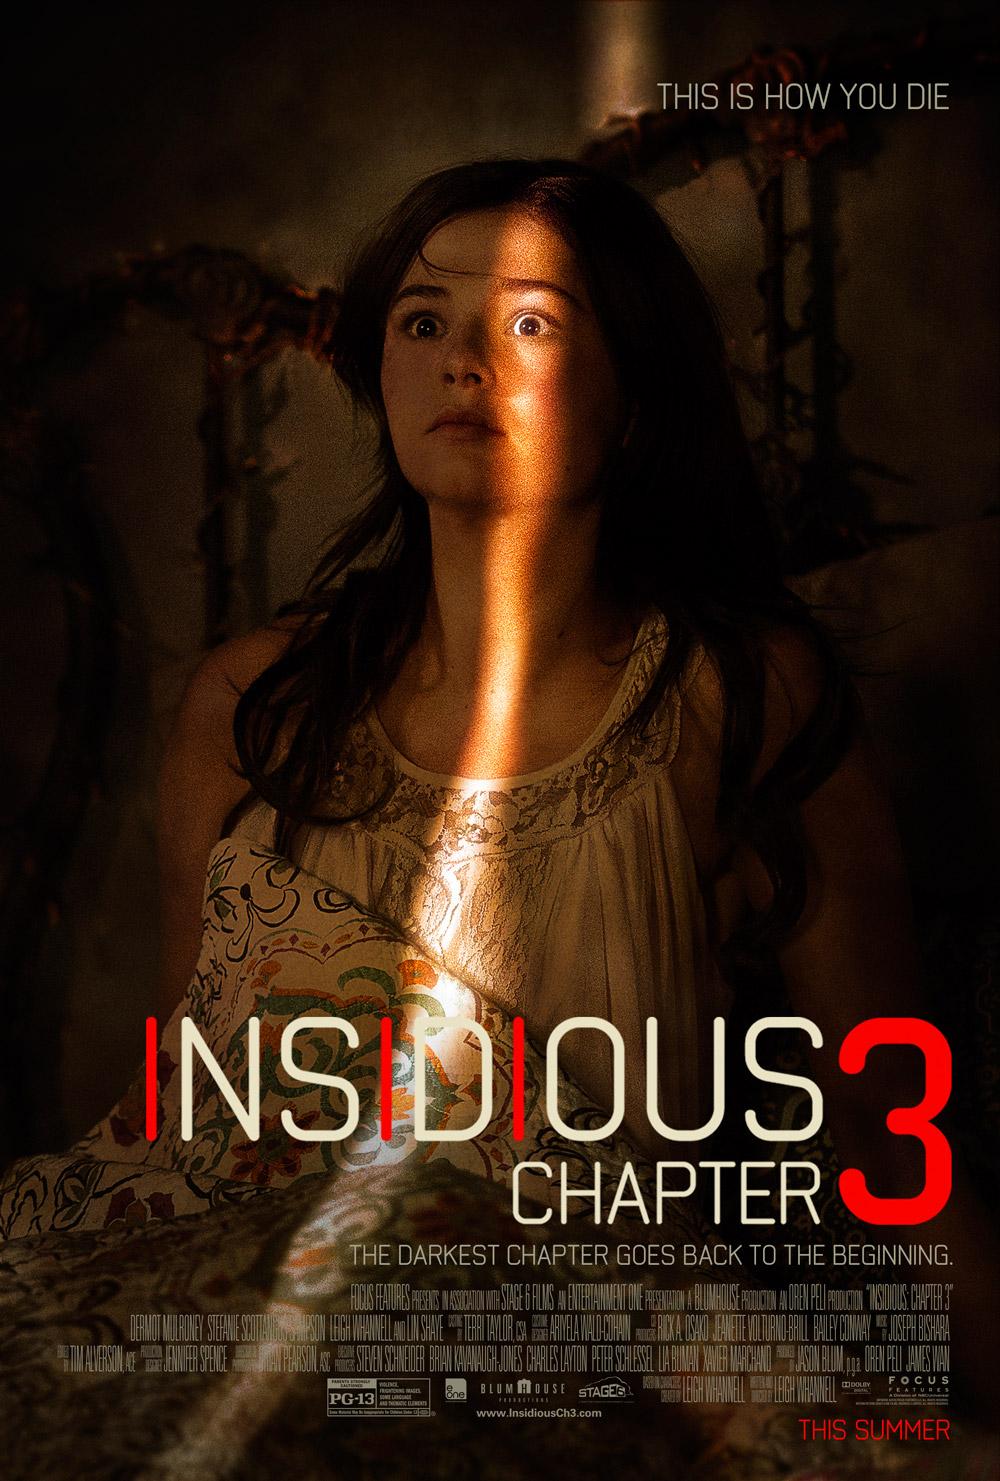 دانلود فیلم Insidious Chapter 3 2015 با کیفیت ۷۲۰p Web-dl